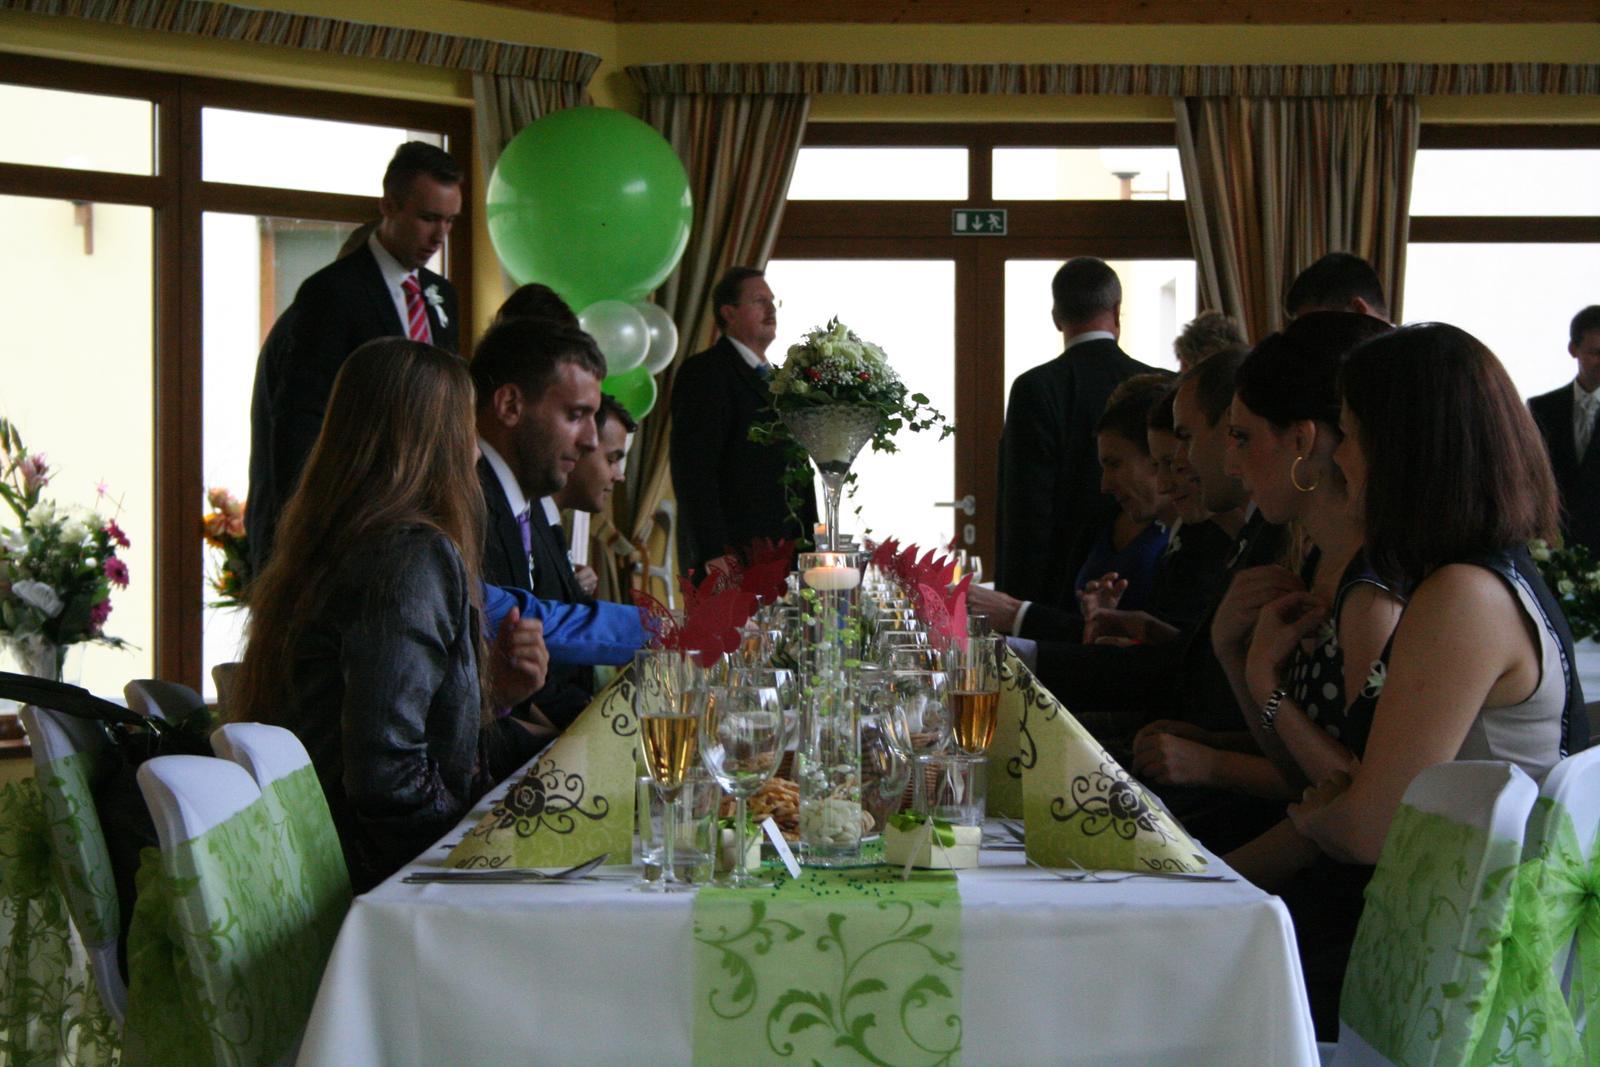 Katka{{_AND_}}Marek - Vzadu vidno balonovu vyzdobu aj z velkych balonov - hore sme potom mali zopar este vacsich :)